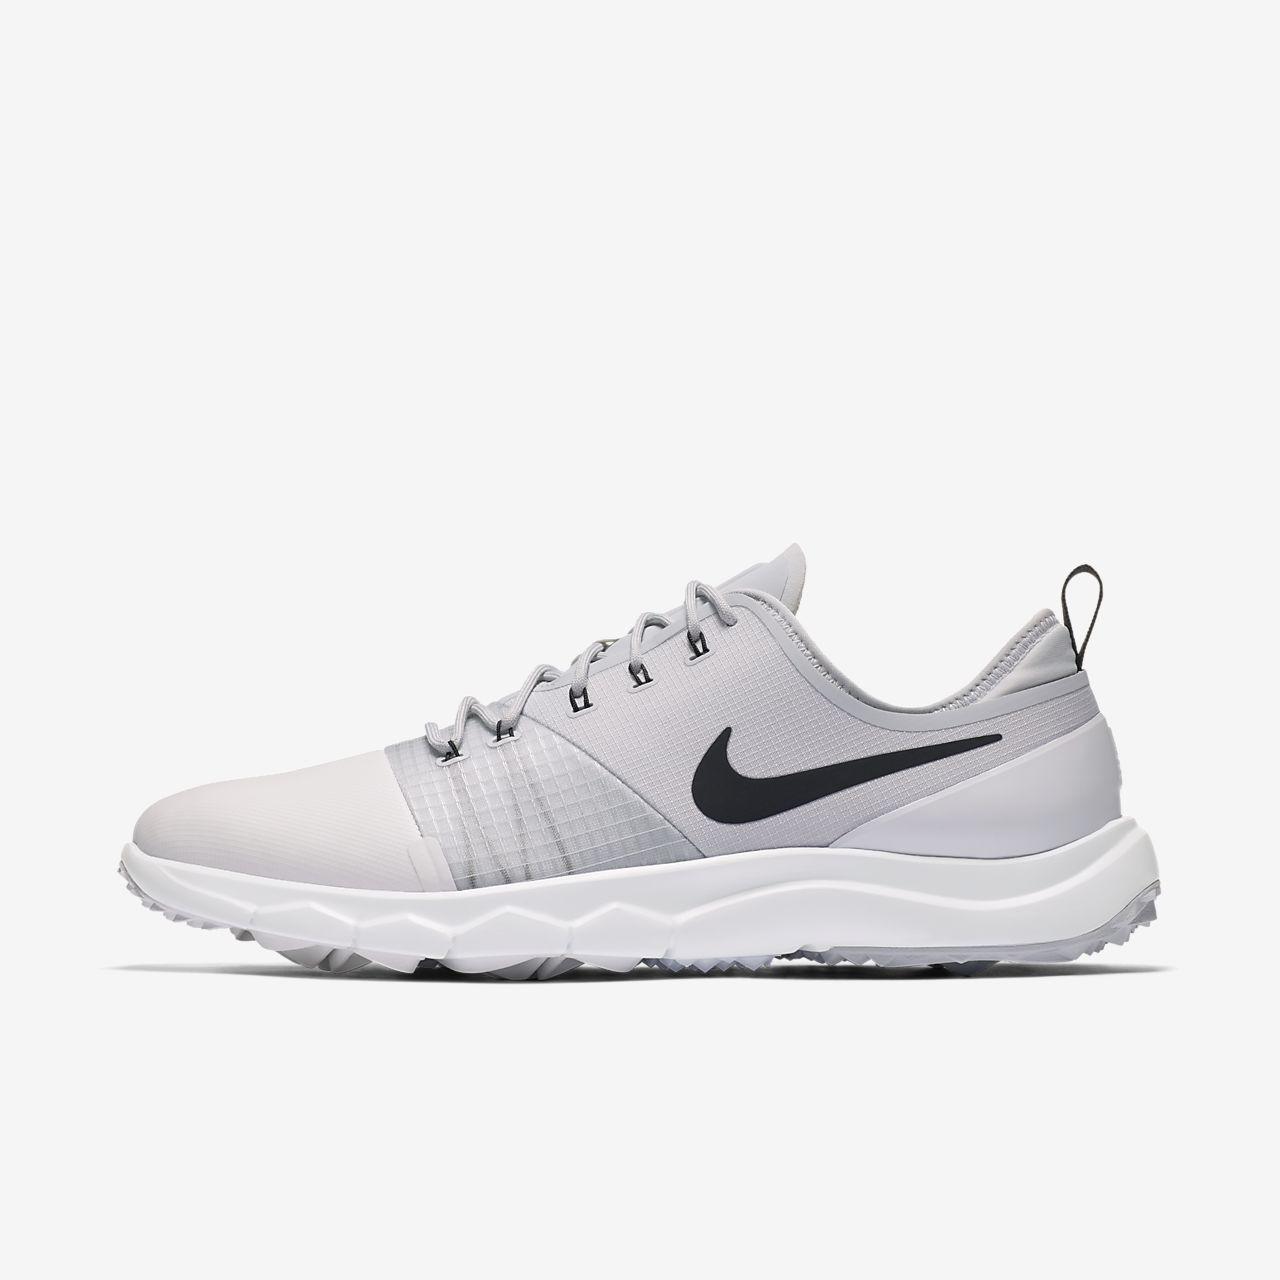 Γυναικείο παπούτσι γκολφ Nike FI Impact 3